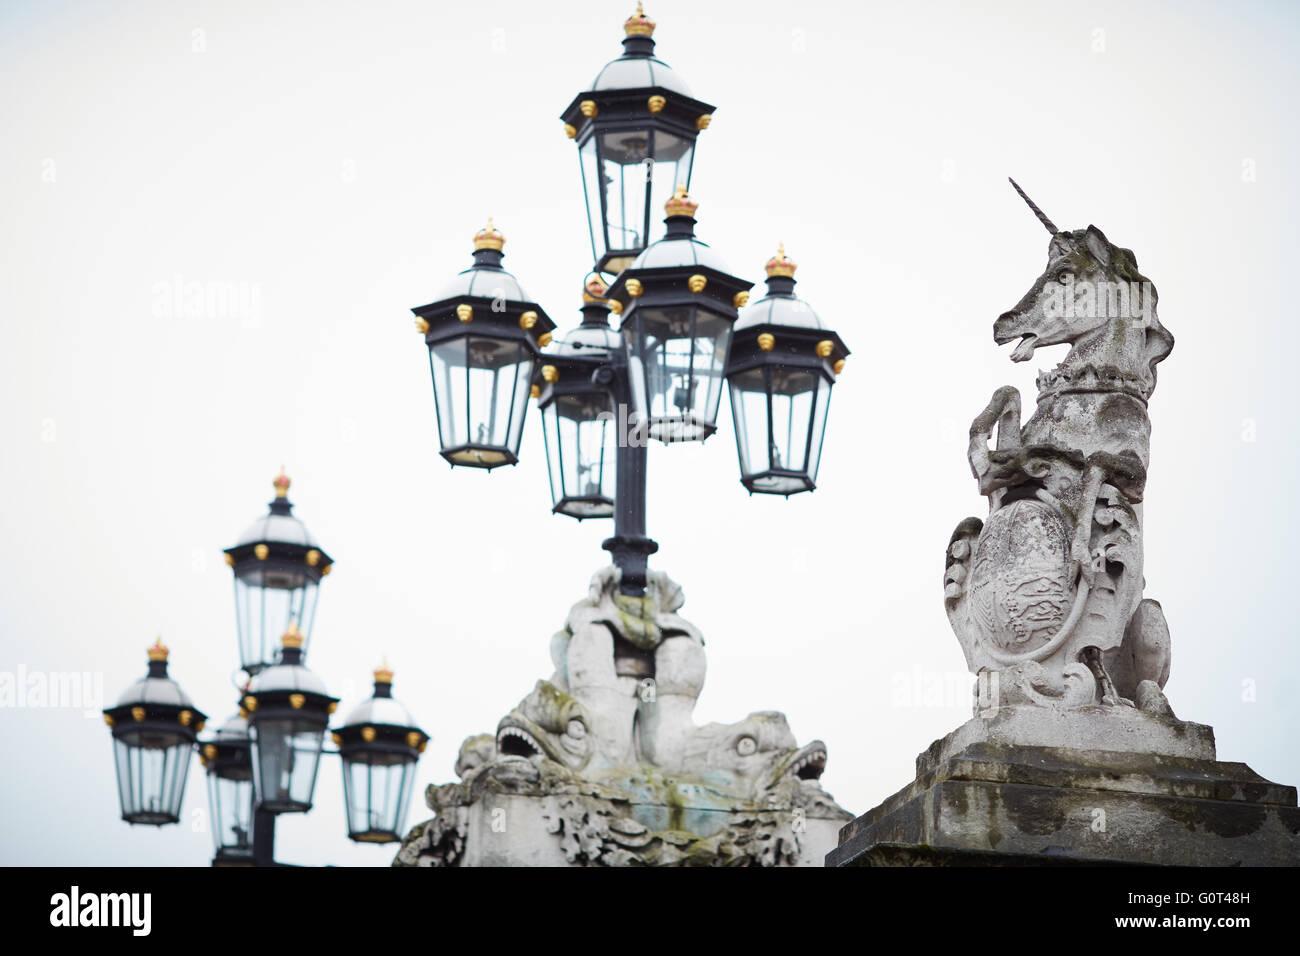 Au Palais de Buckingham Gate accueil de la Reine histoire historique en fer forgé de qualité important Photo Stock